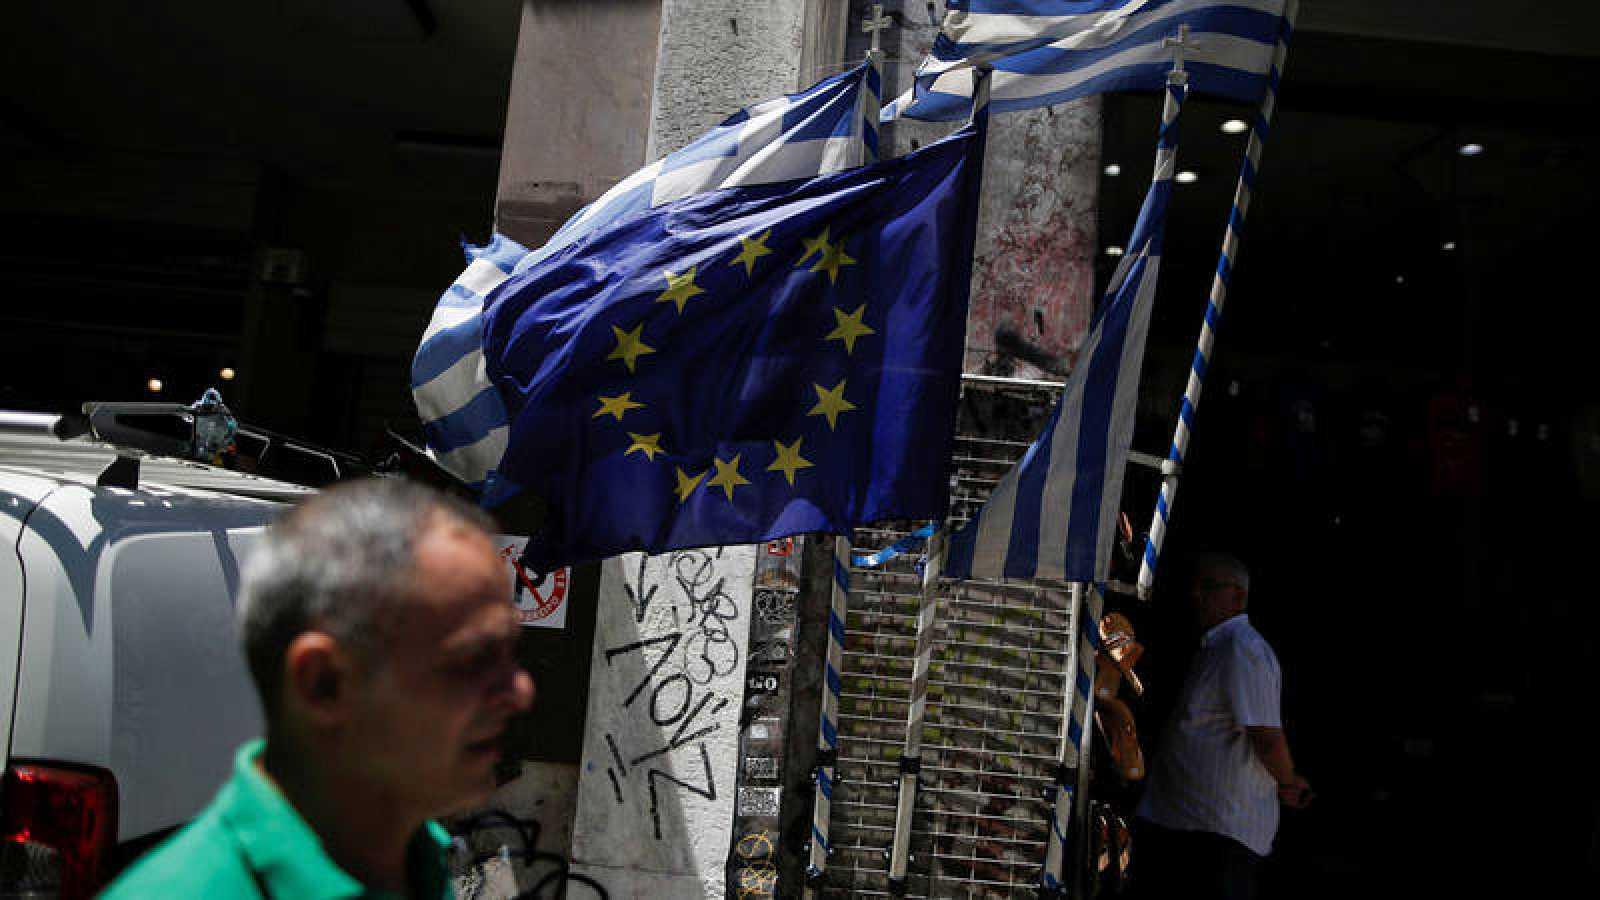 Banderas de Grecia y de la UE en un mercado de Atenas